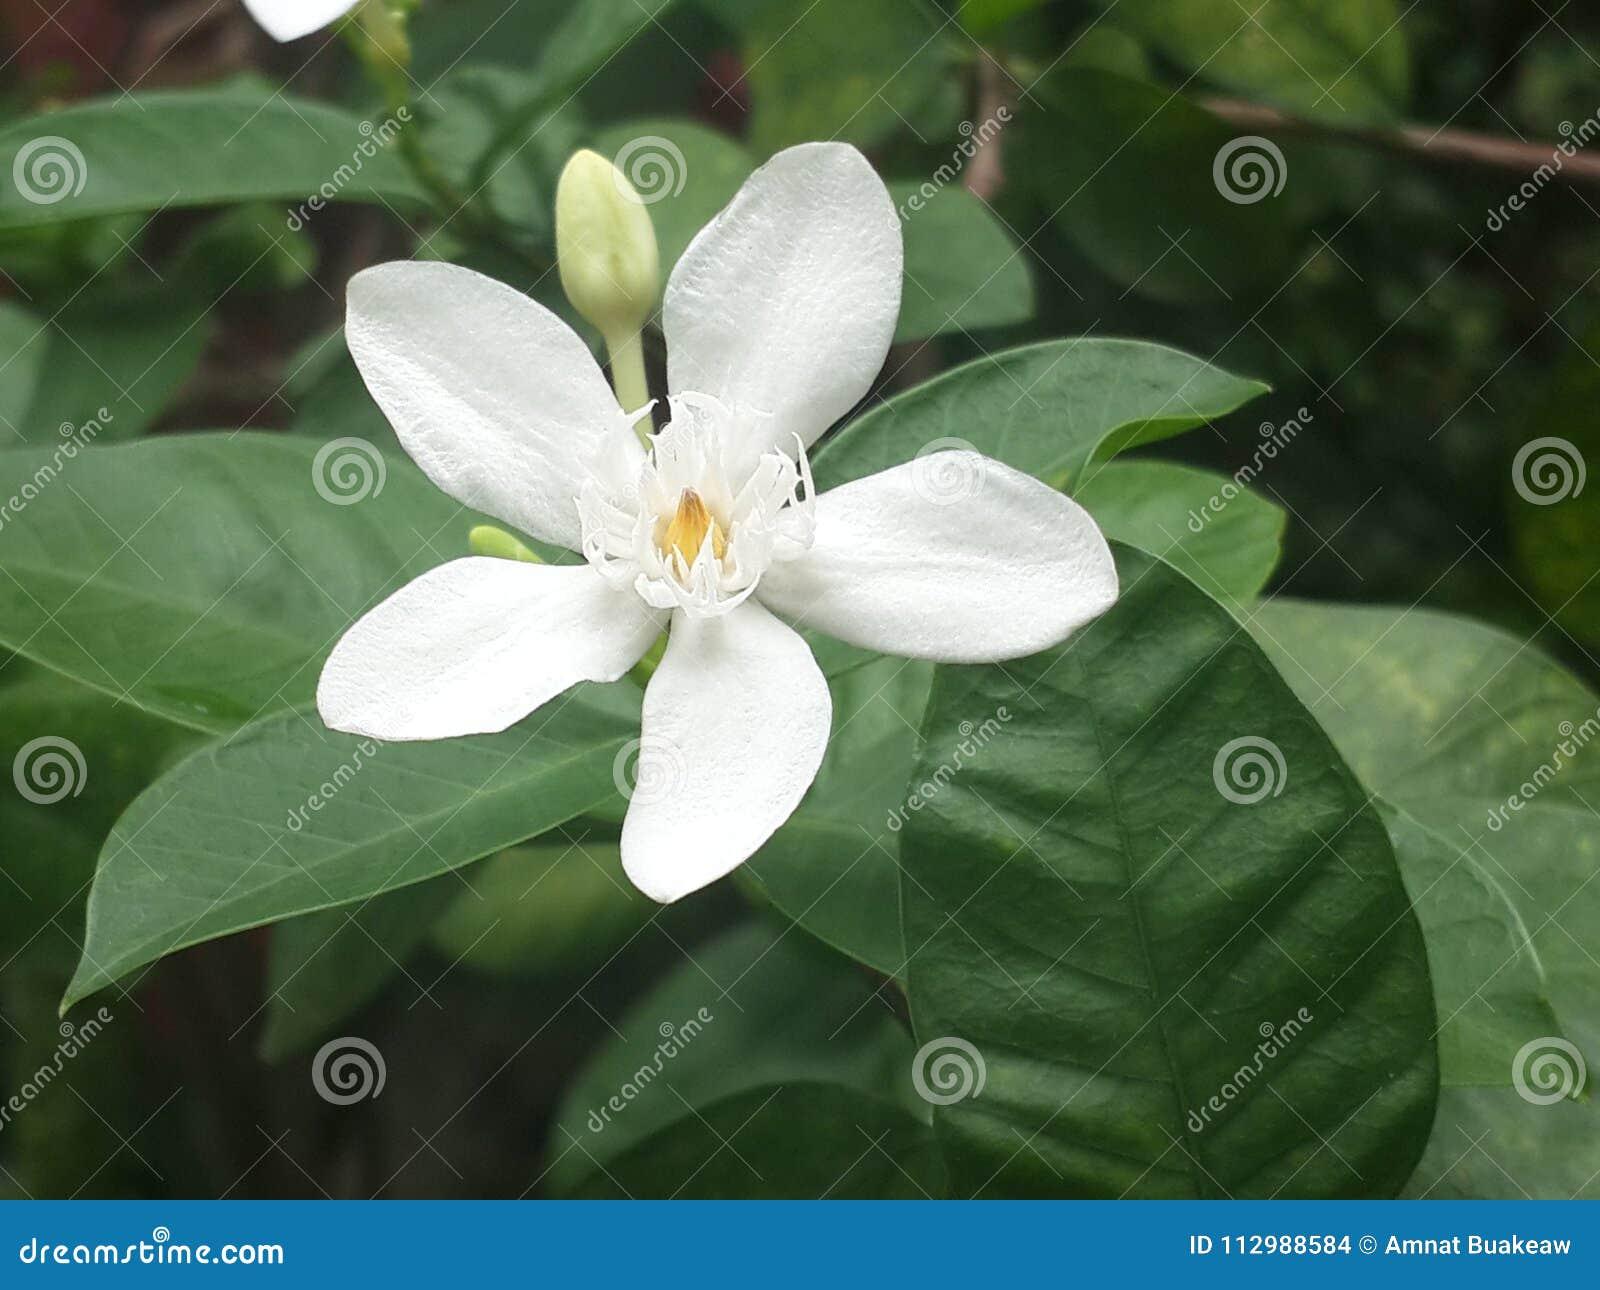 White flower closeup, Cape Jasmine, Apocynaceae, Gardenia jasminoides, Wrightia antidysenterica india